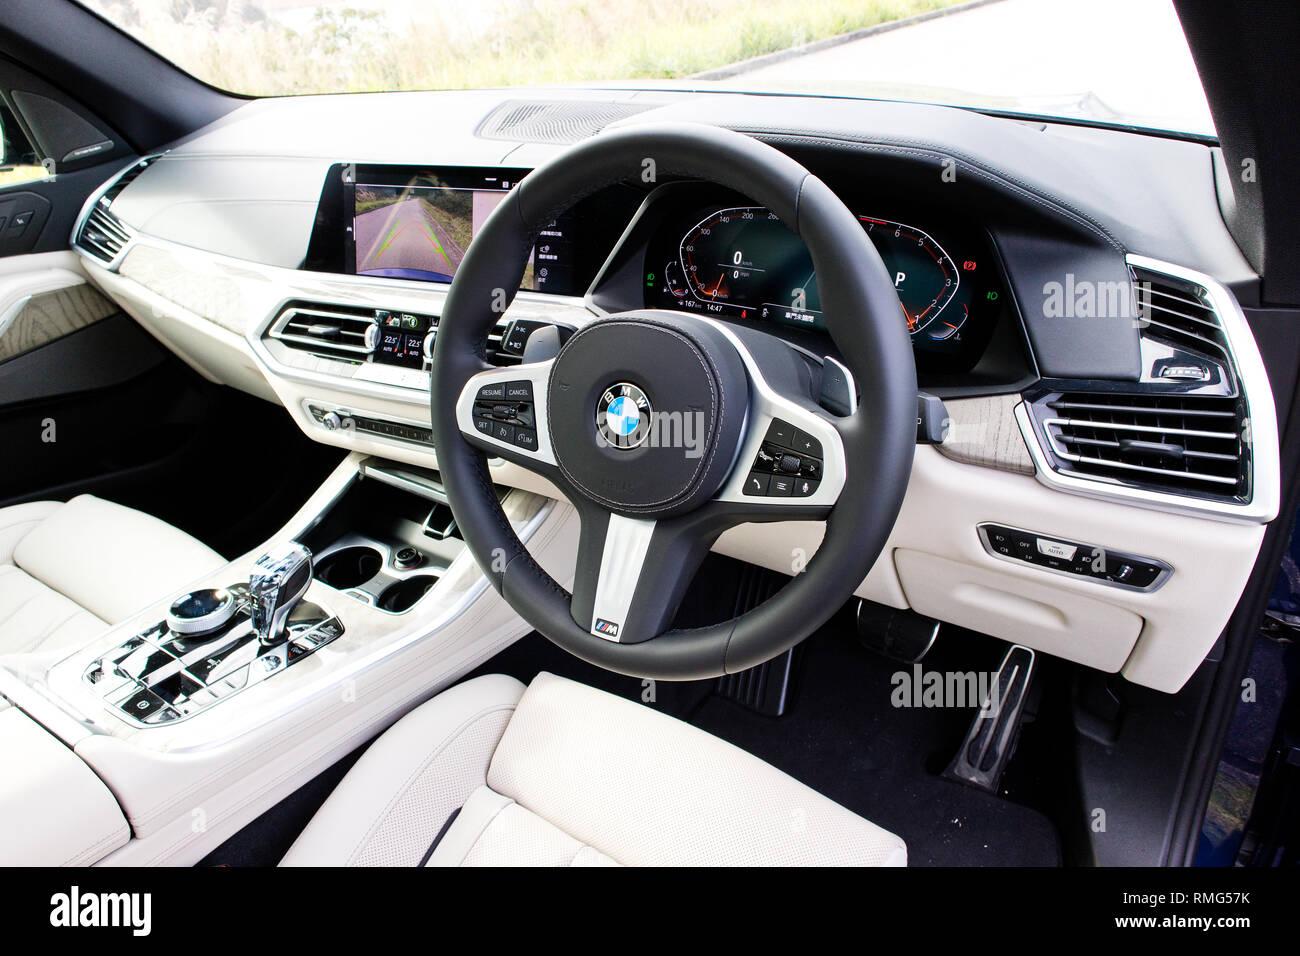 Hong Kong, China Dec 31, 2018 : BMW X5 2018 Interior Dec 31 2018 in Hong Kong. - Stock Image